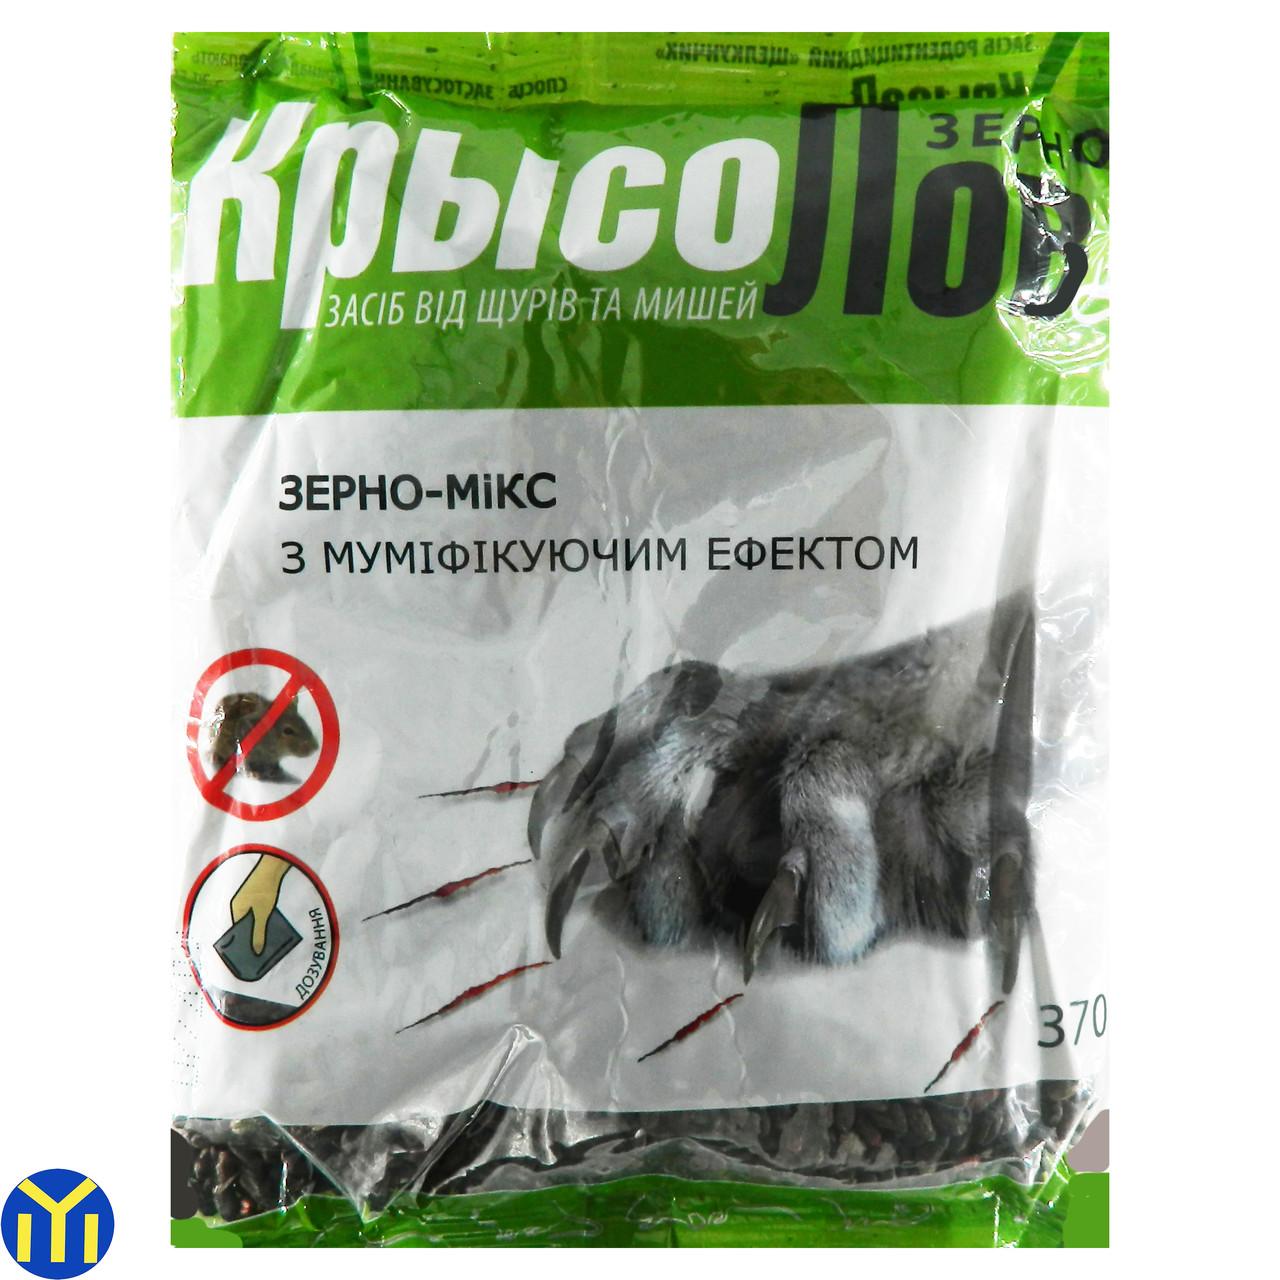 КрысоЛов зерно-микс 370г., средство от грызунов